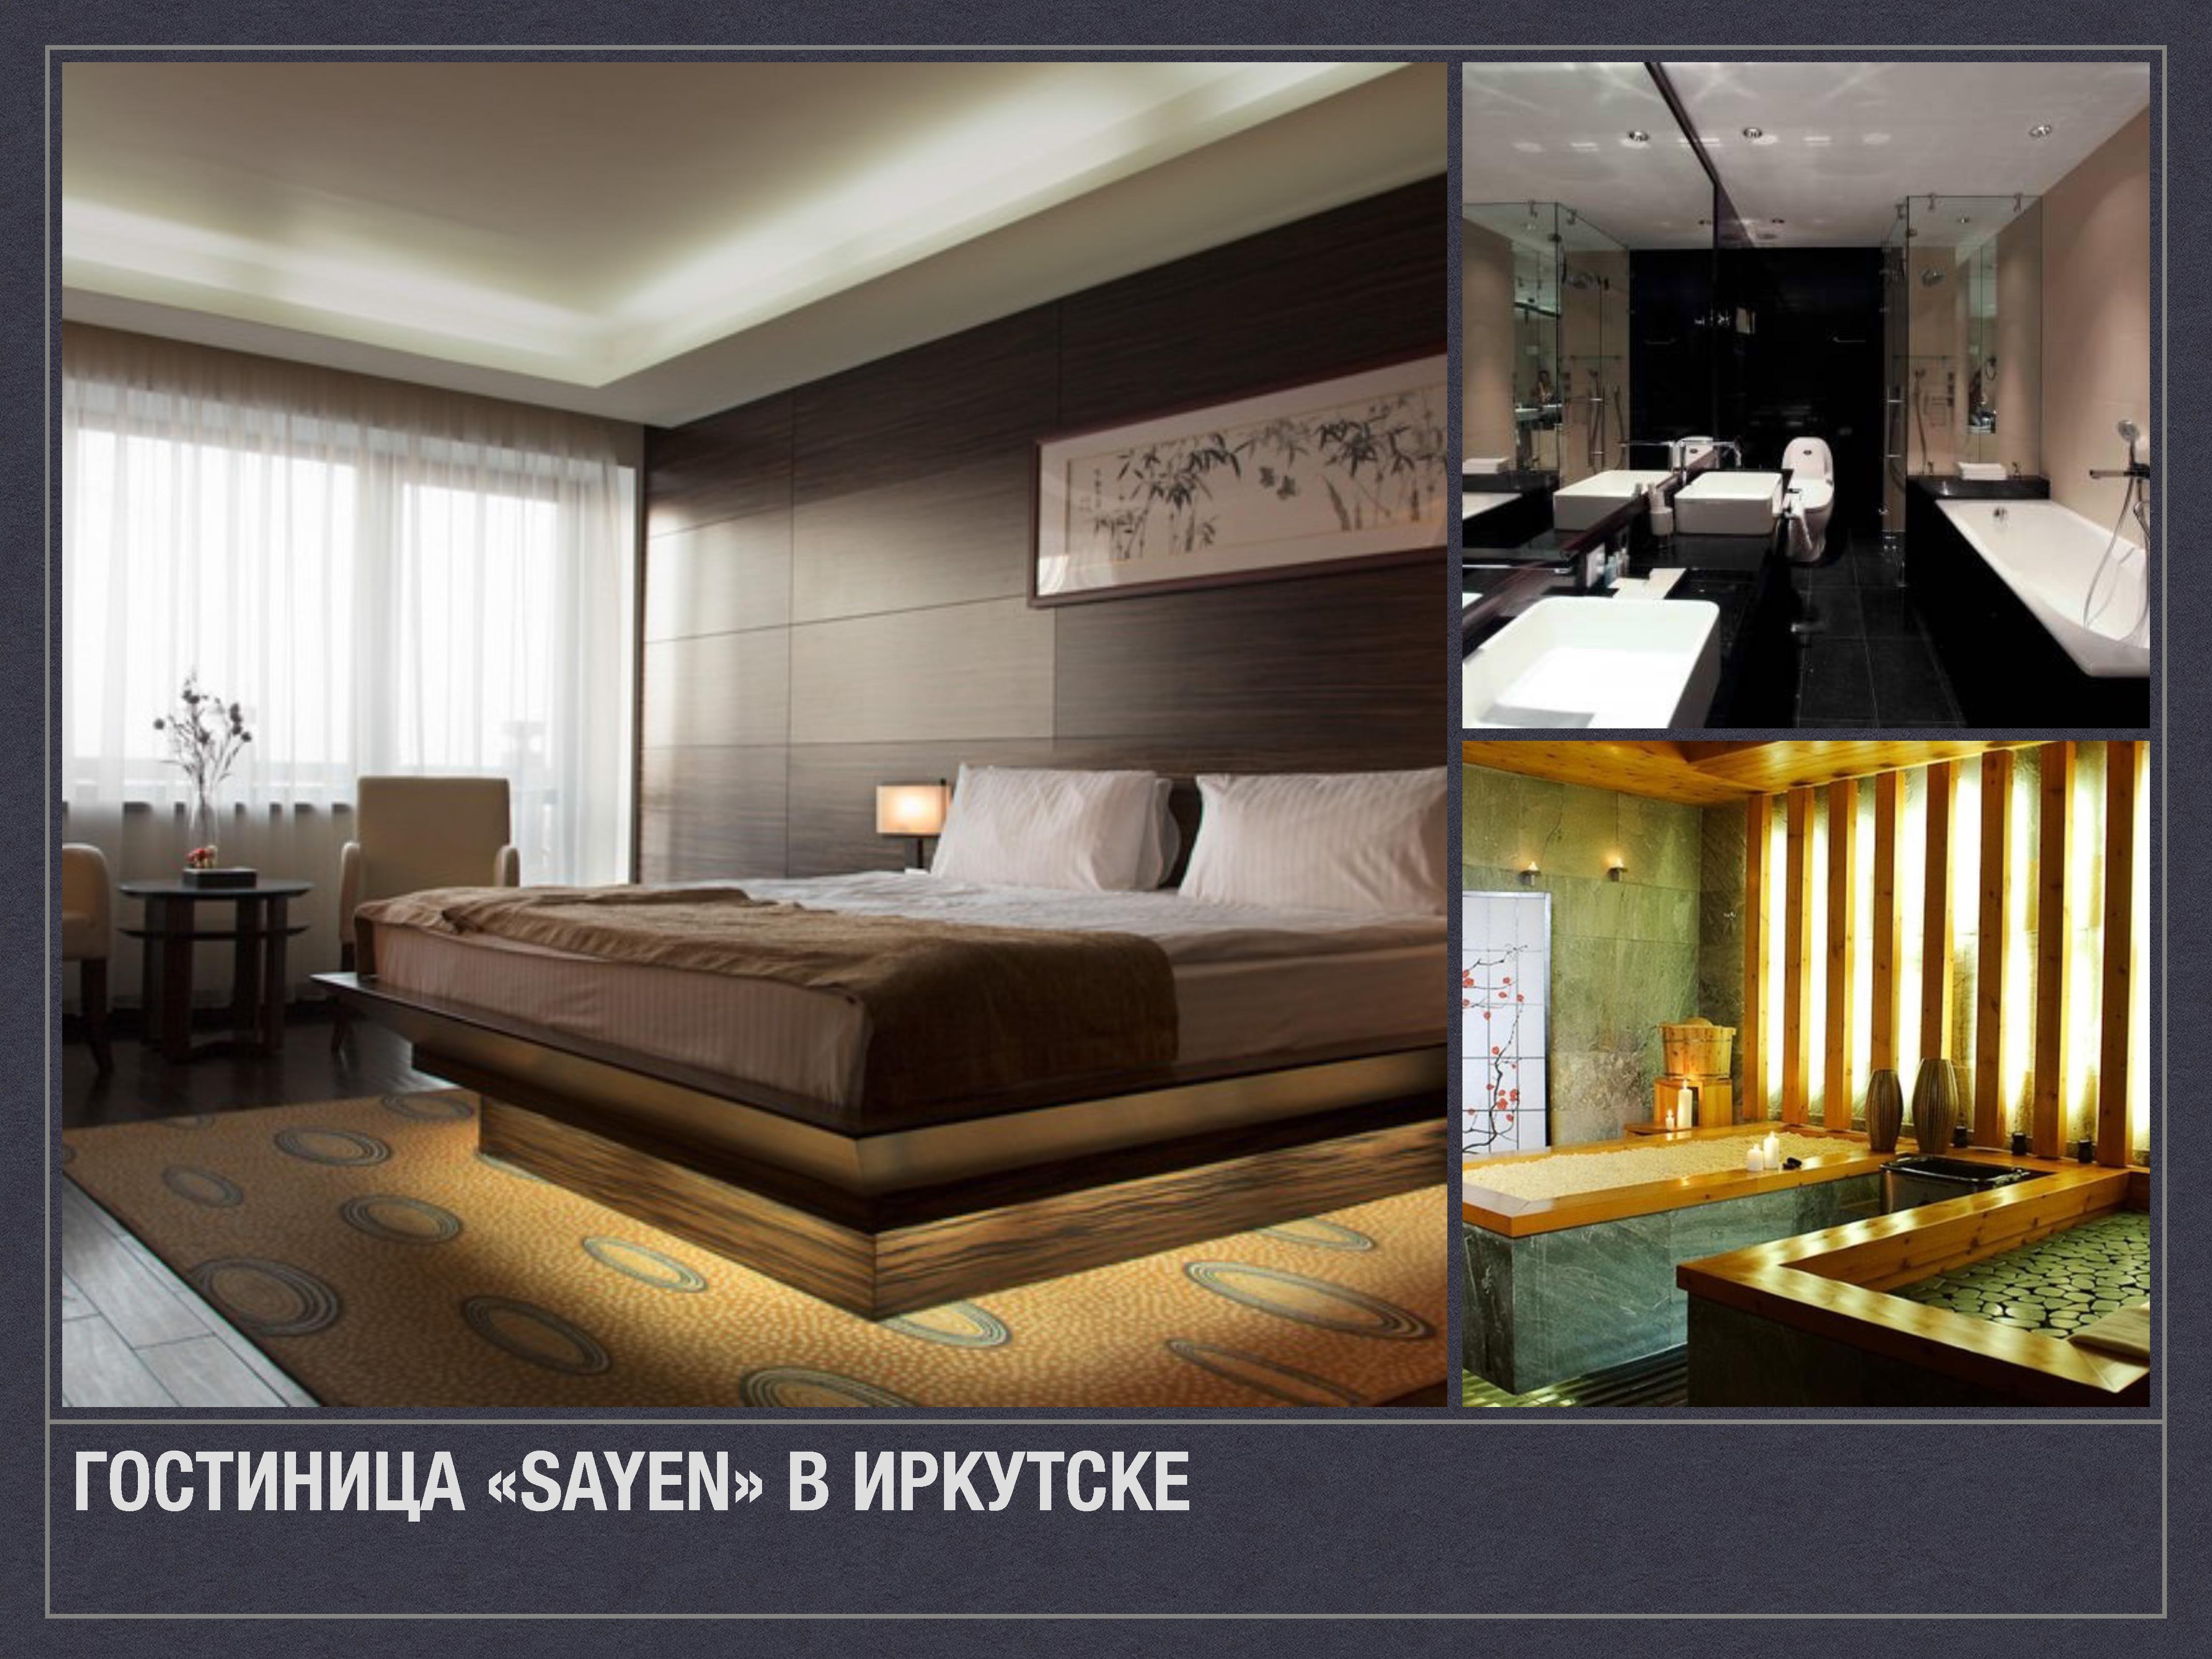 Baikal__09